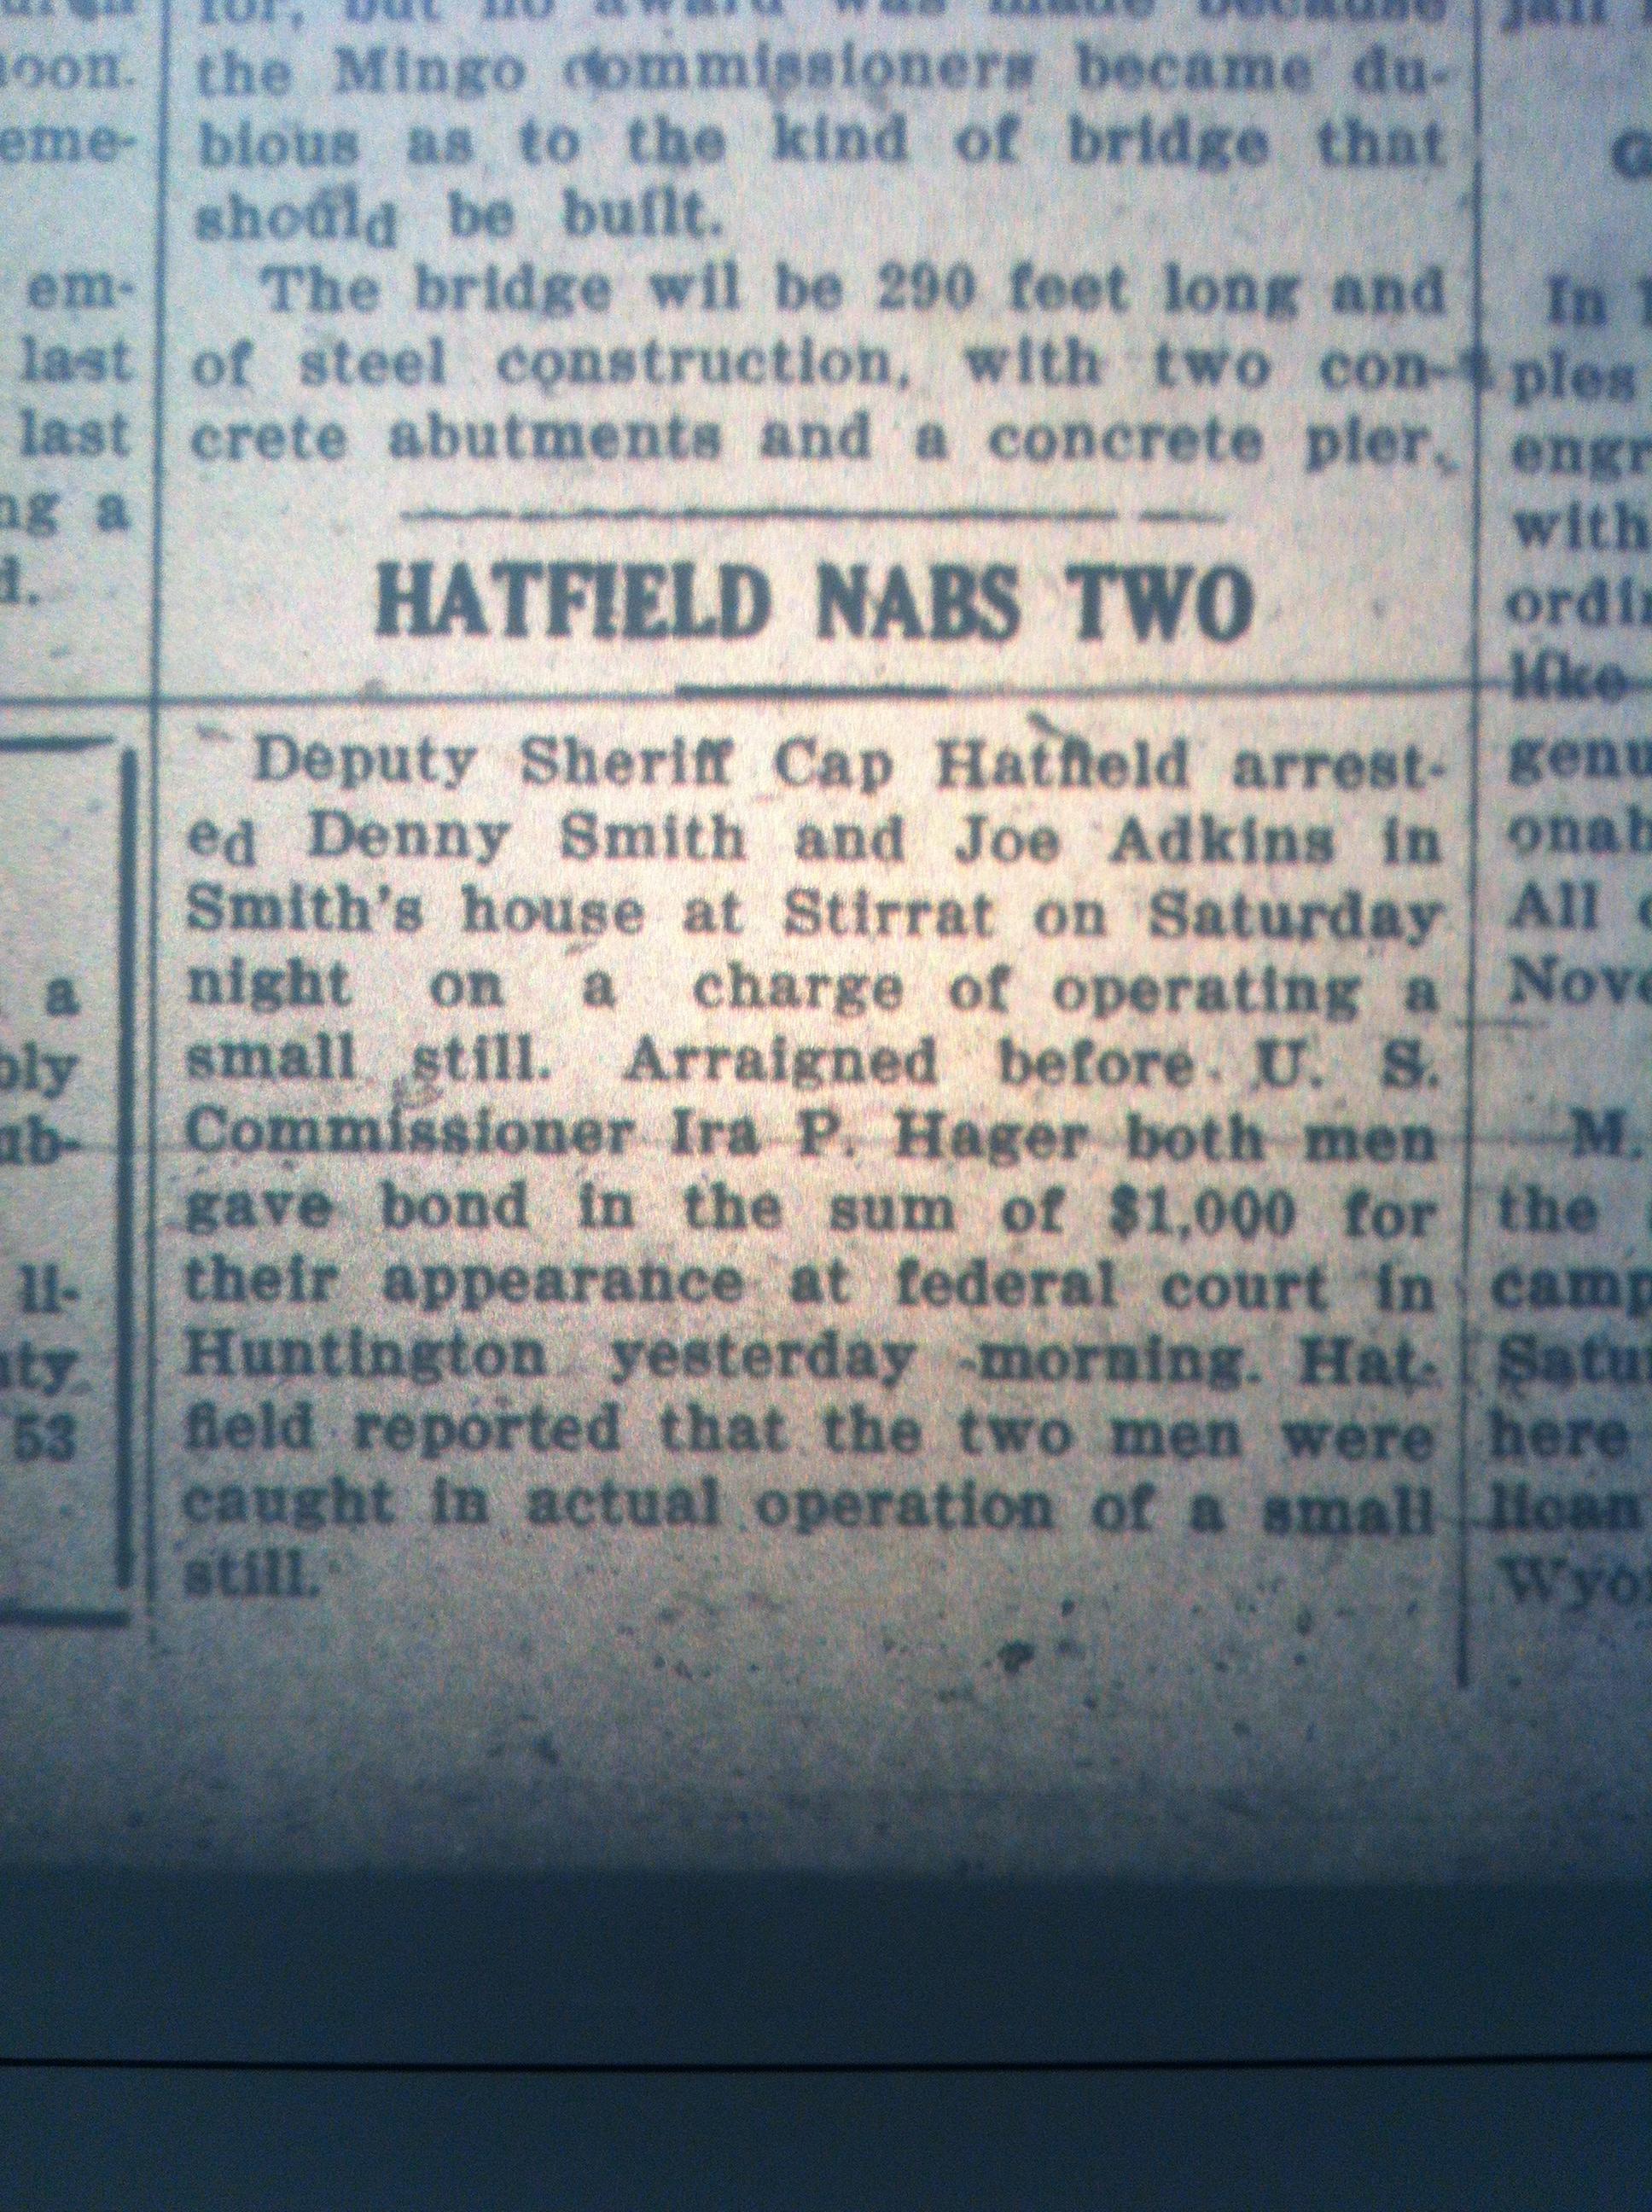 Cap Hatfield Arrests Two LB 10.05.1926.JPG